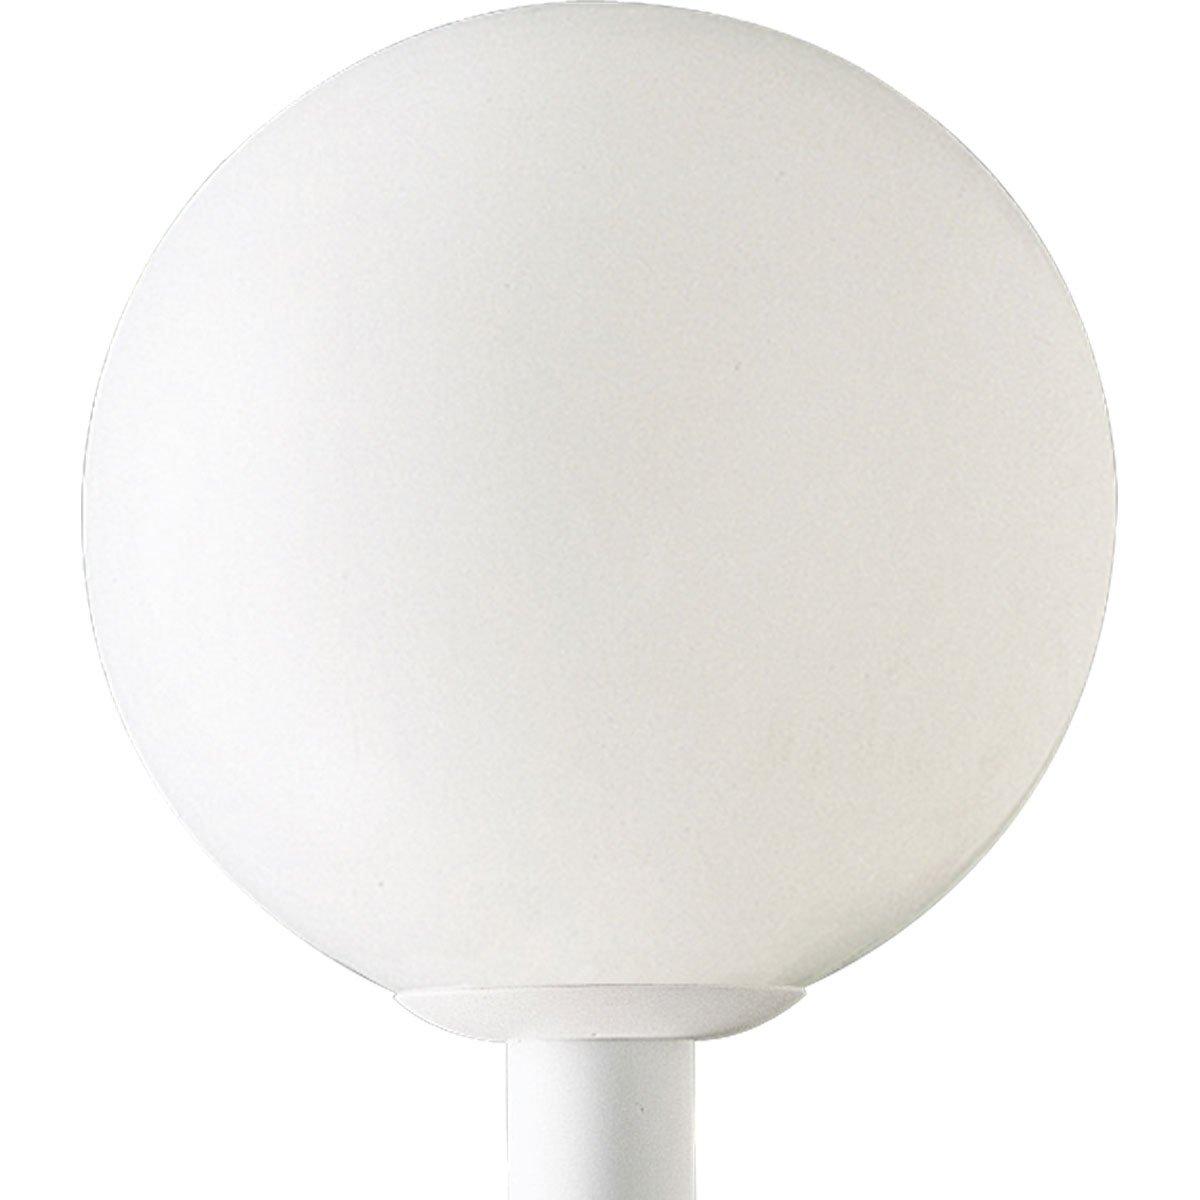 Progress Lighting P5436-60 Complete Post Lantern White Shatter-Resistant Acrylic Globe White Fitter, White